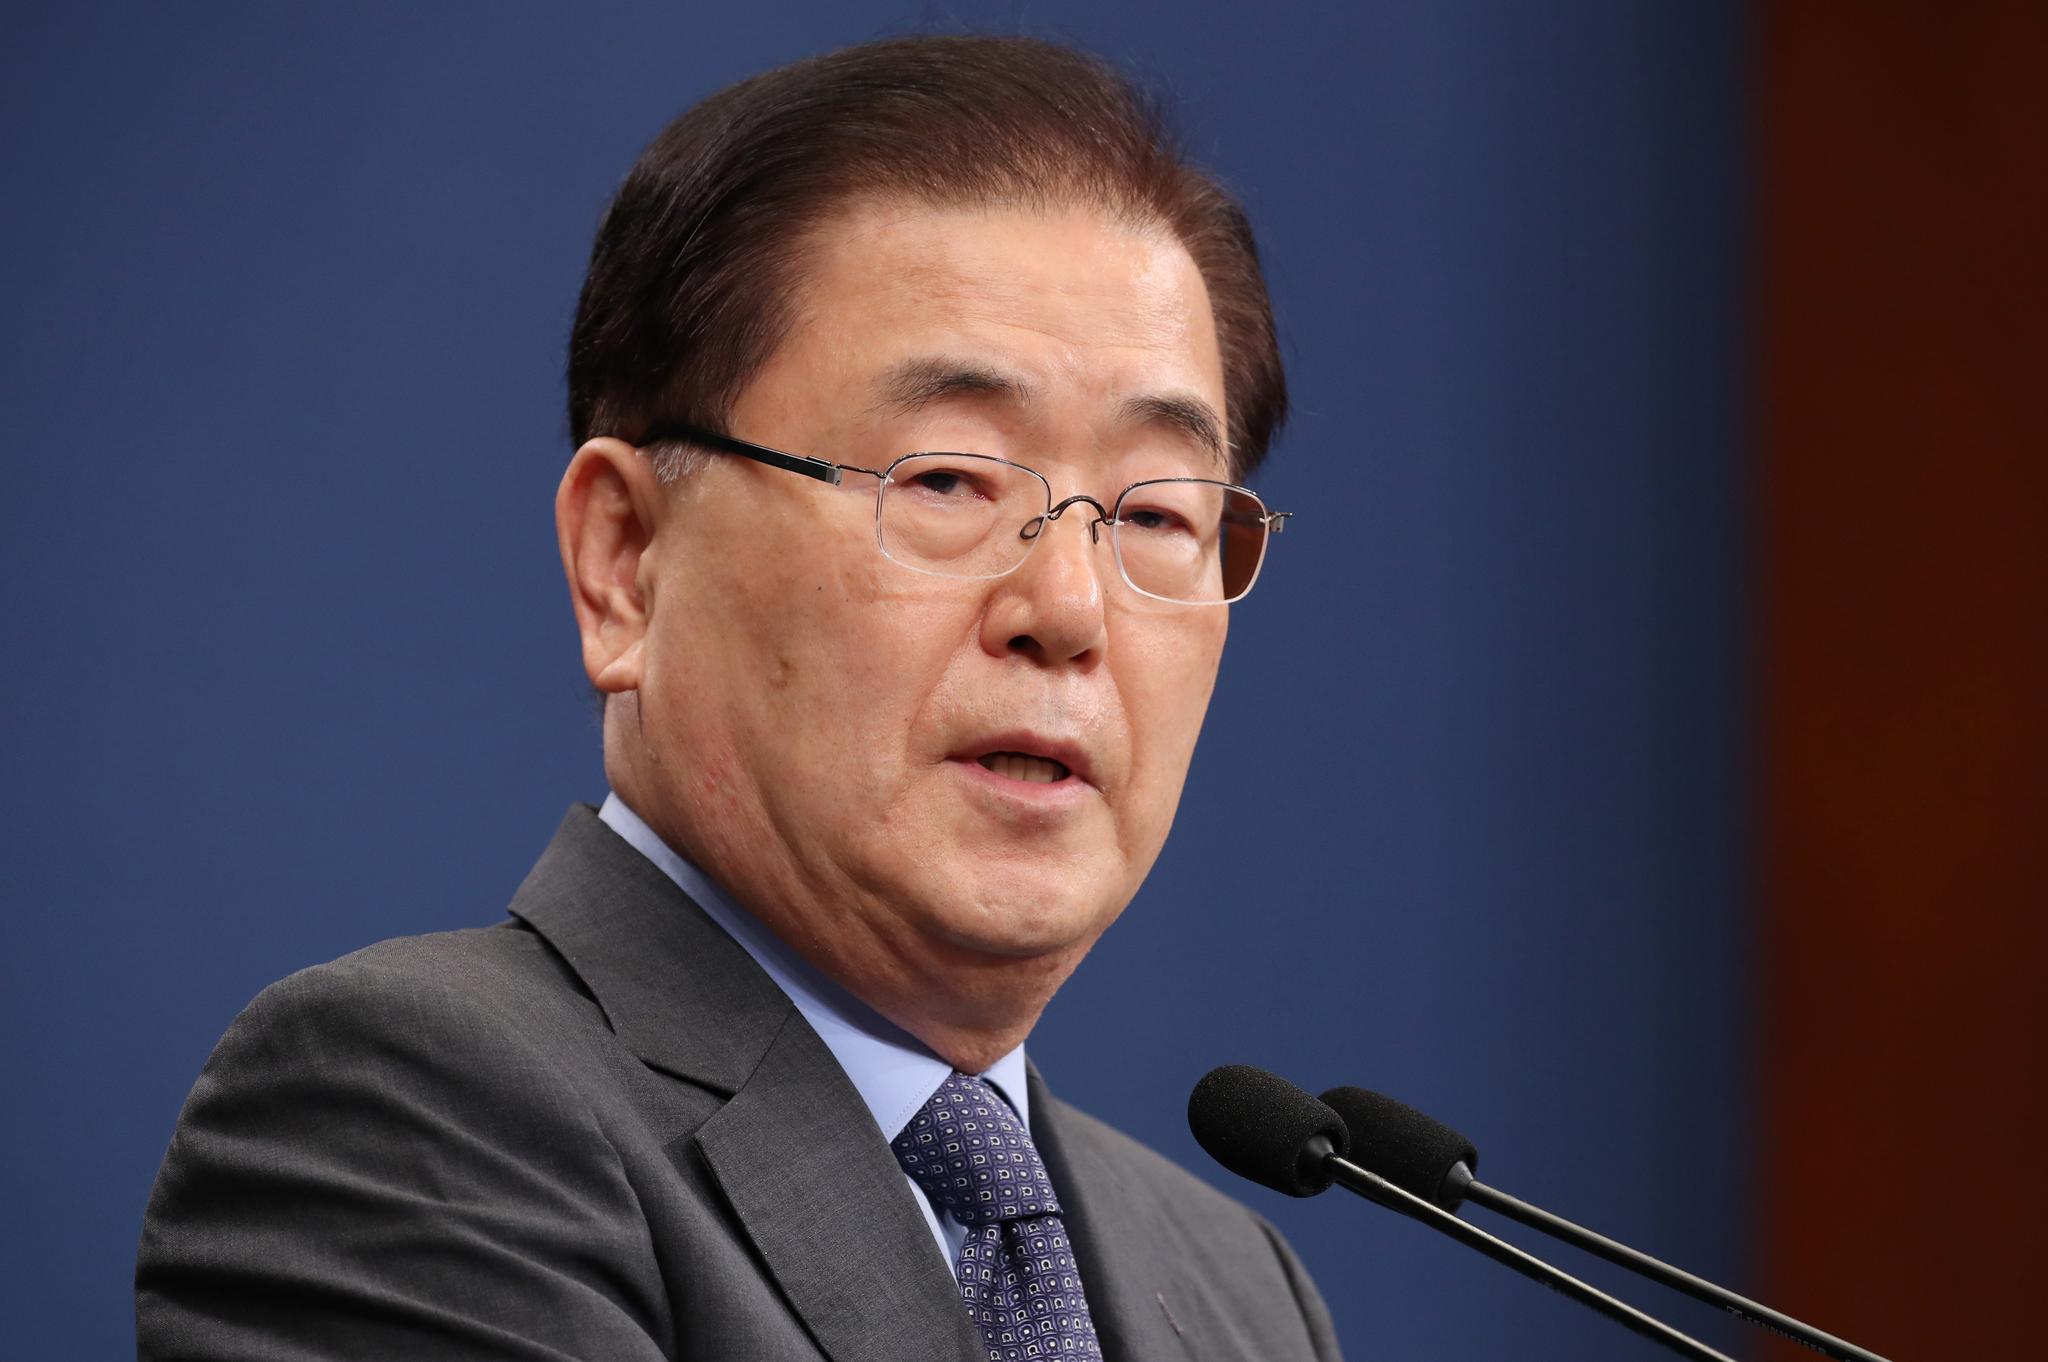 [일문일답] 김정은 트럼프 첫 임기내 북미 적대관계 청산·비핵화 실현